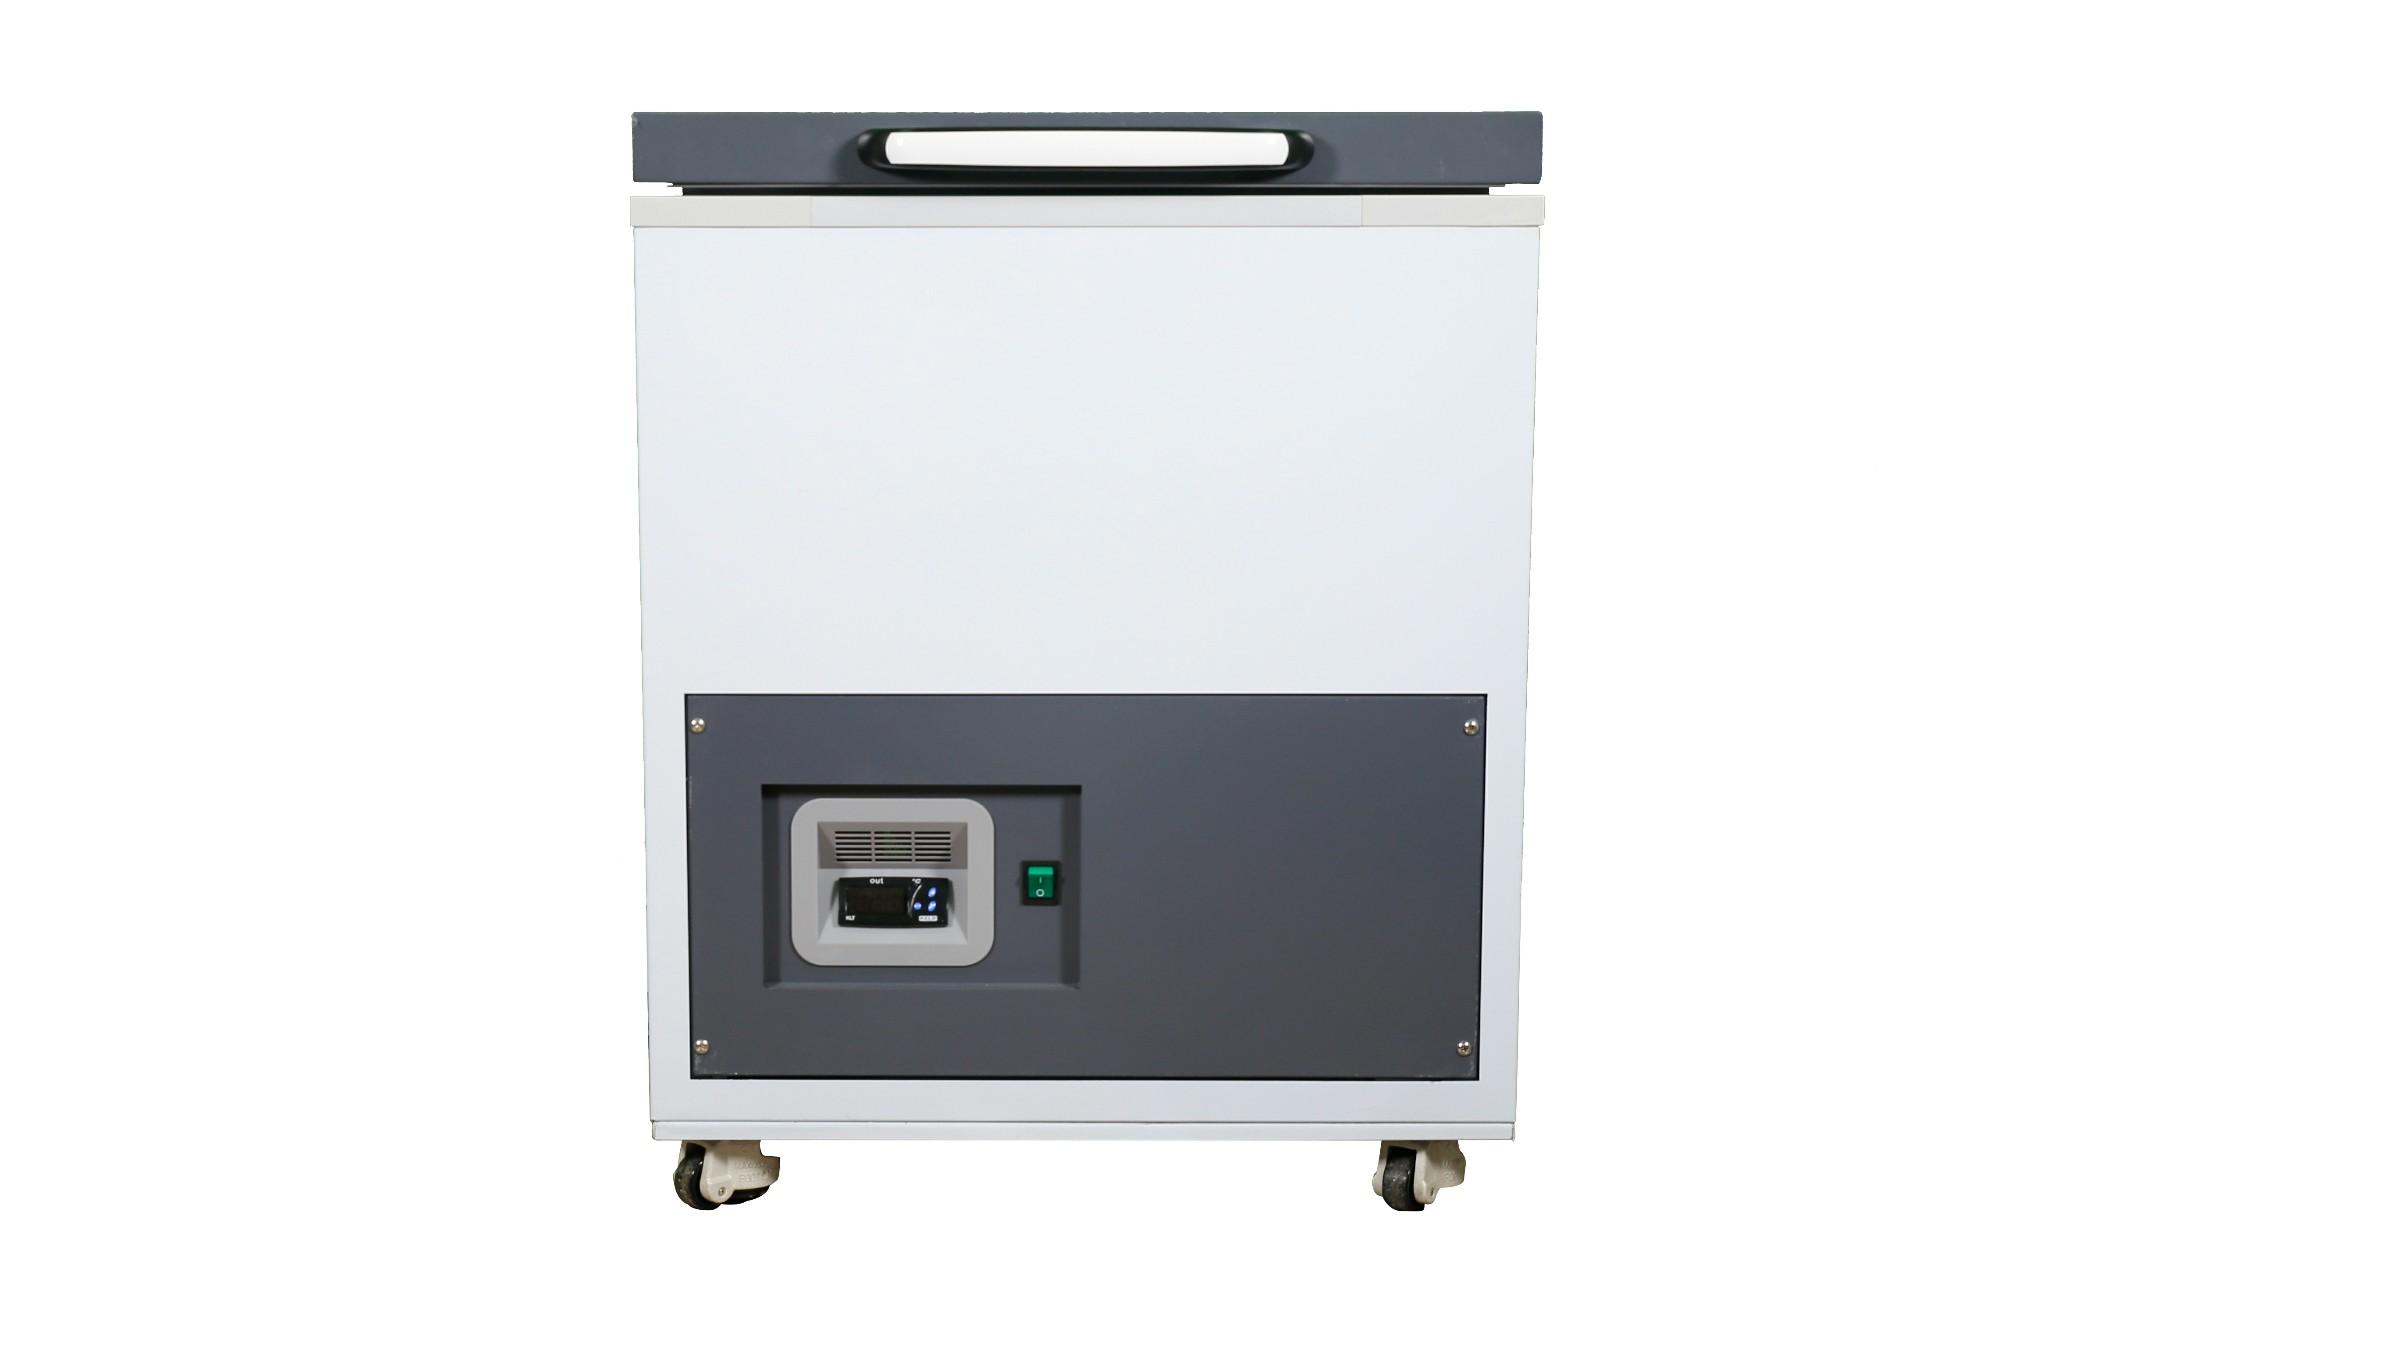 拆爆盖板专业的-180度冷冻机厂家推荐,供应冰箱